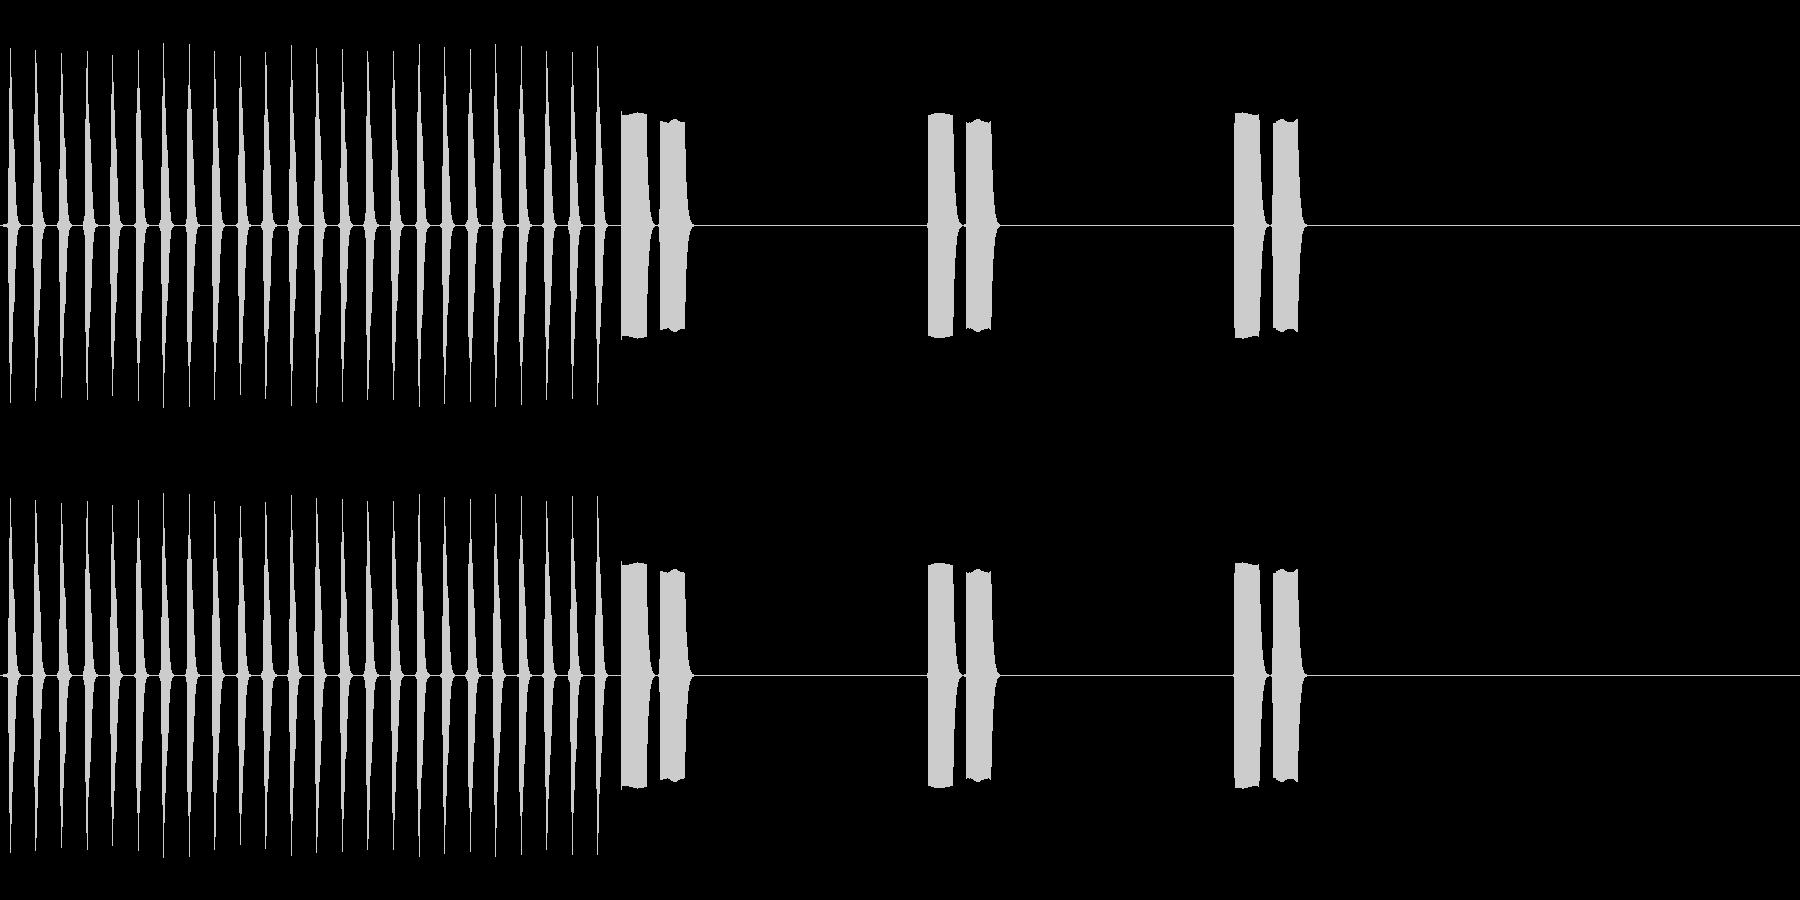 ビビビビピコン(探索→発見)の未再生の波形